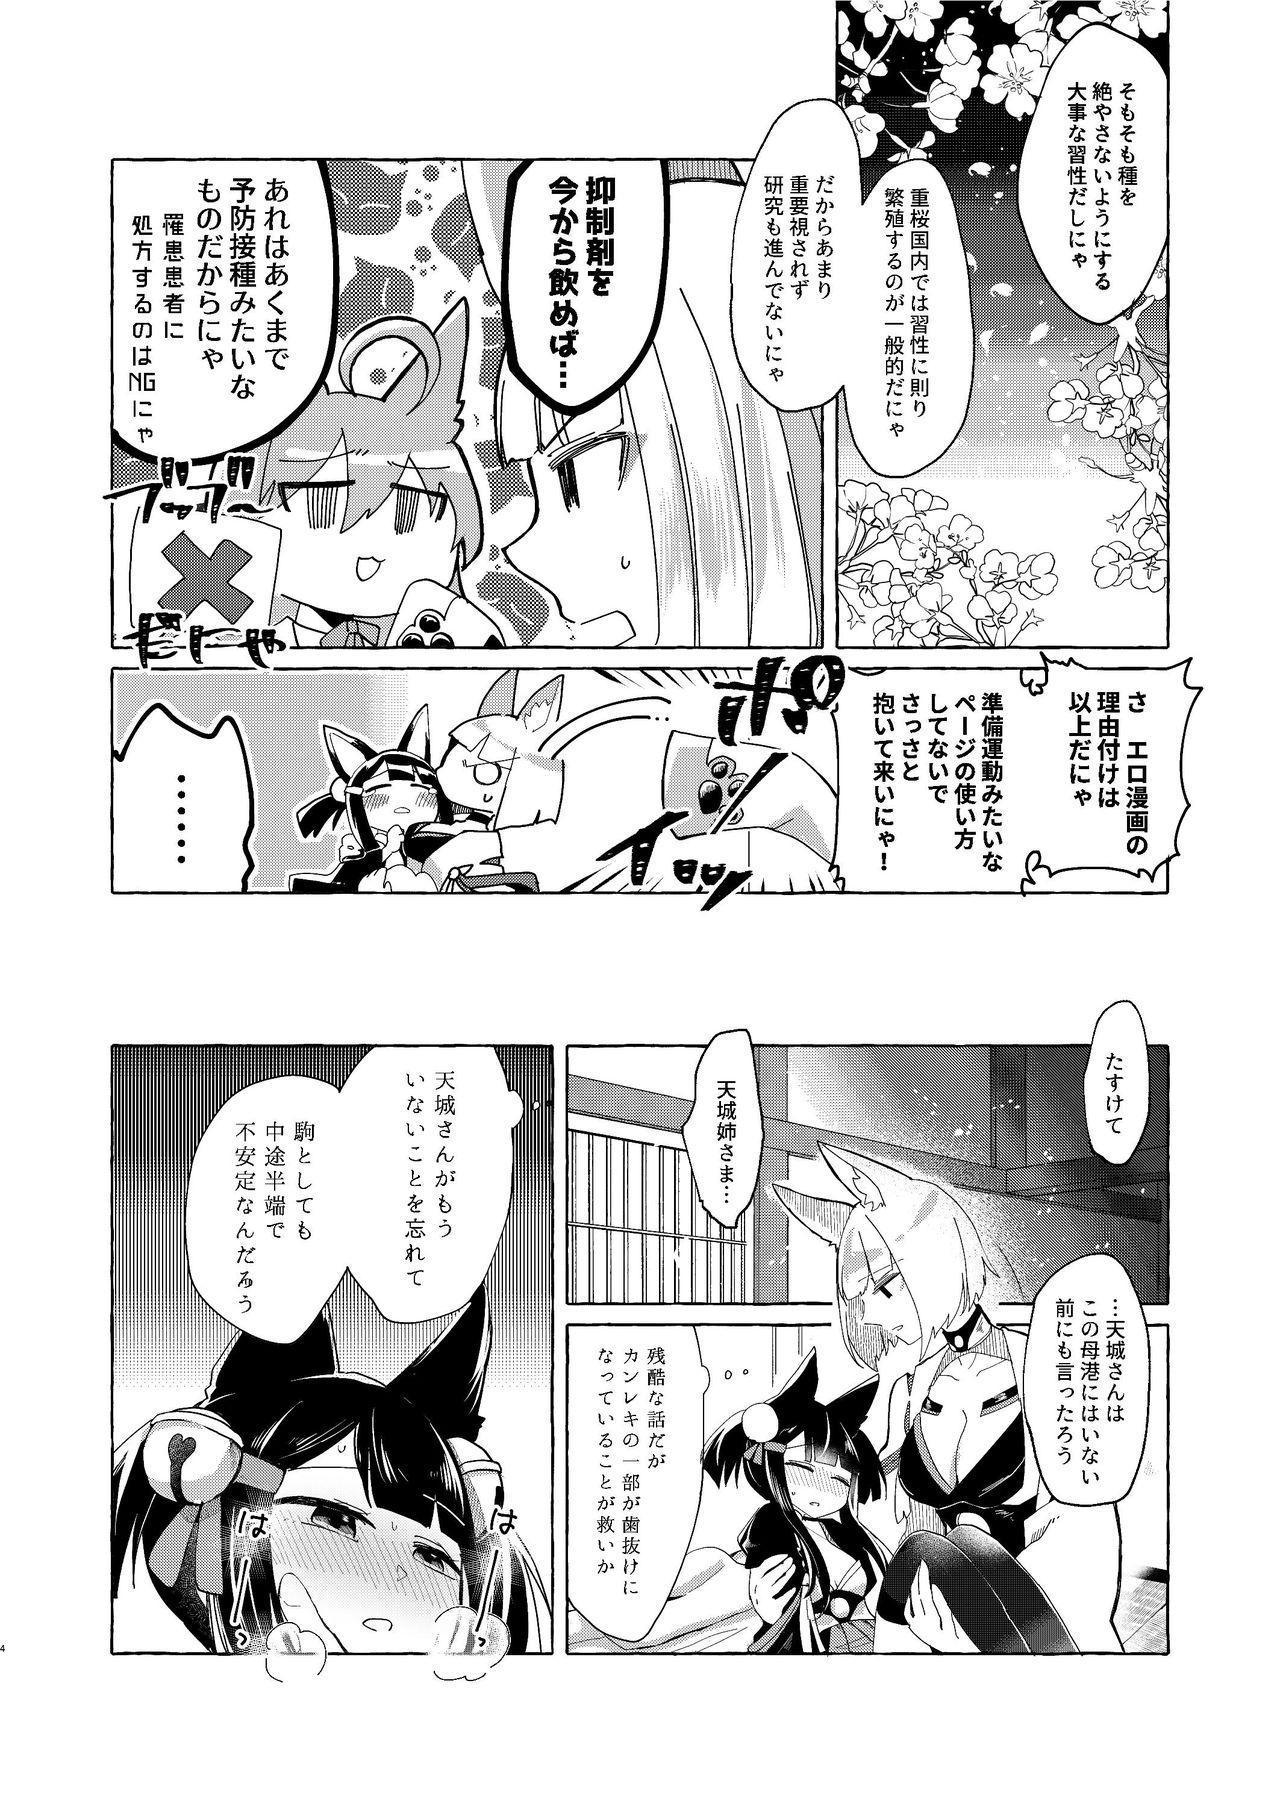 Akagi-chan wa o kusuri o nomanai 2